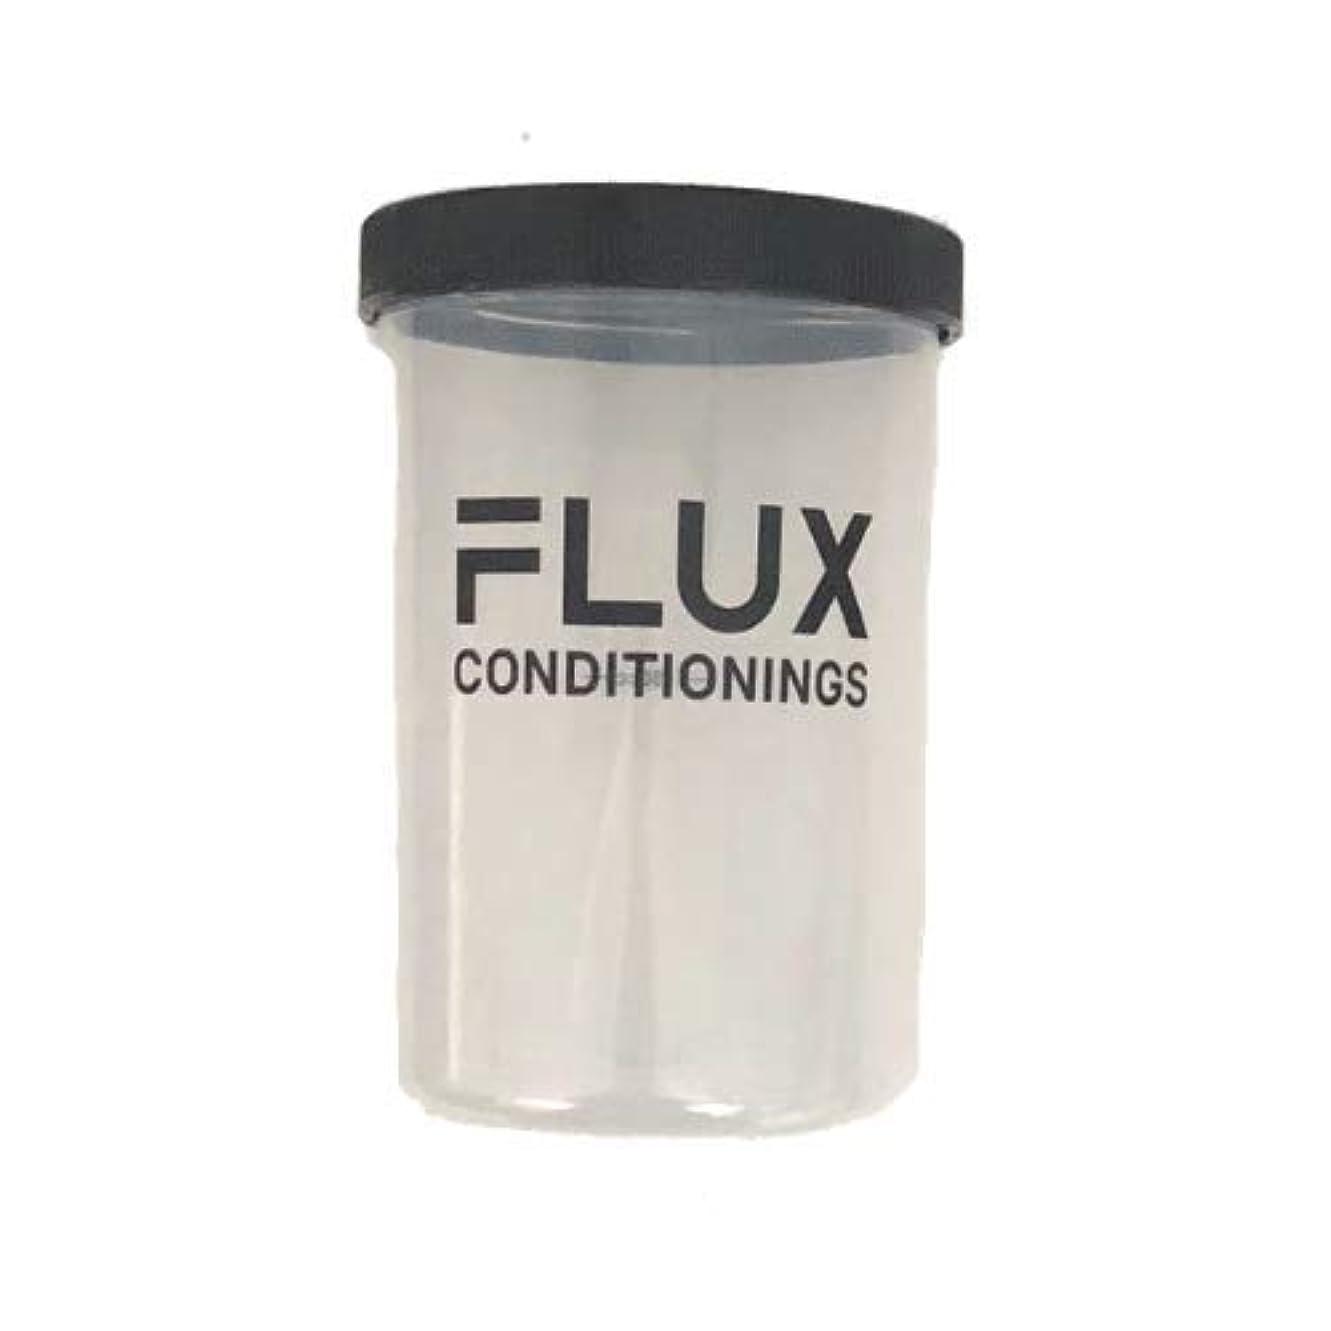 トロリー応用メジャー代官山FLUX(フラックス)ジム、プロテインシェーカー (500ml)